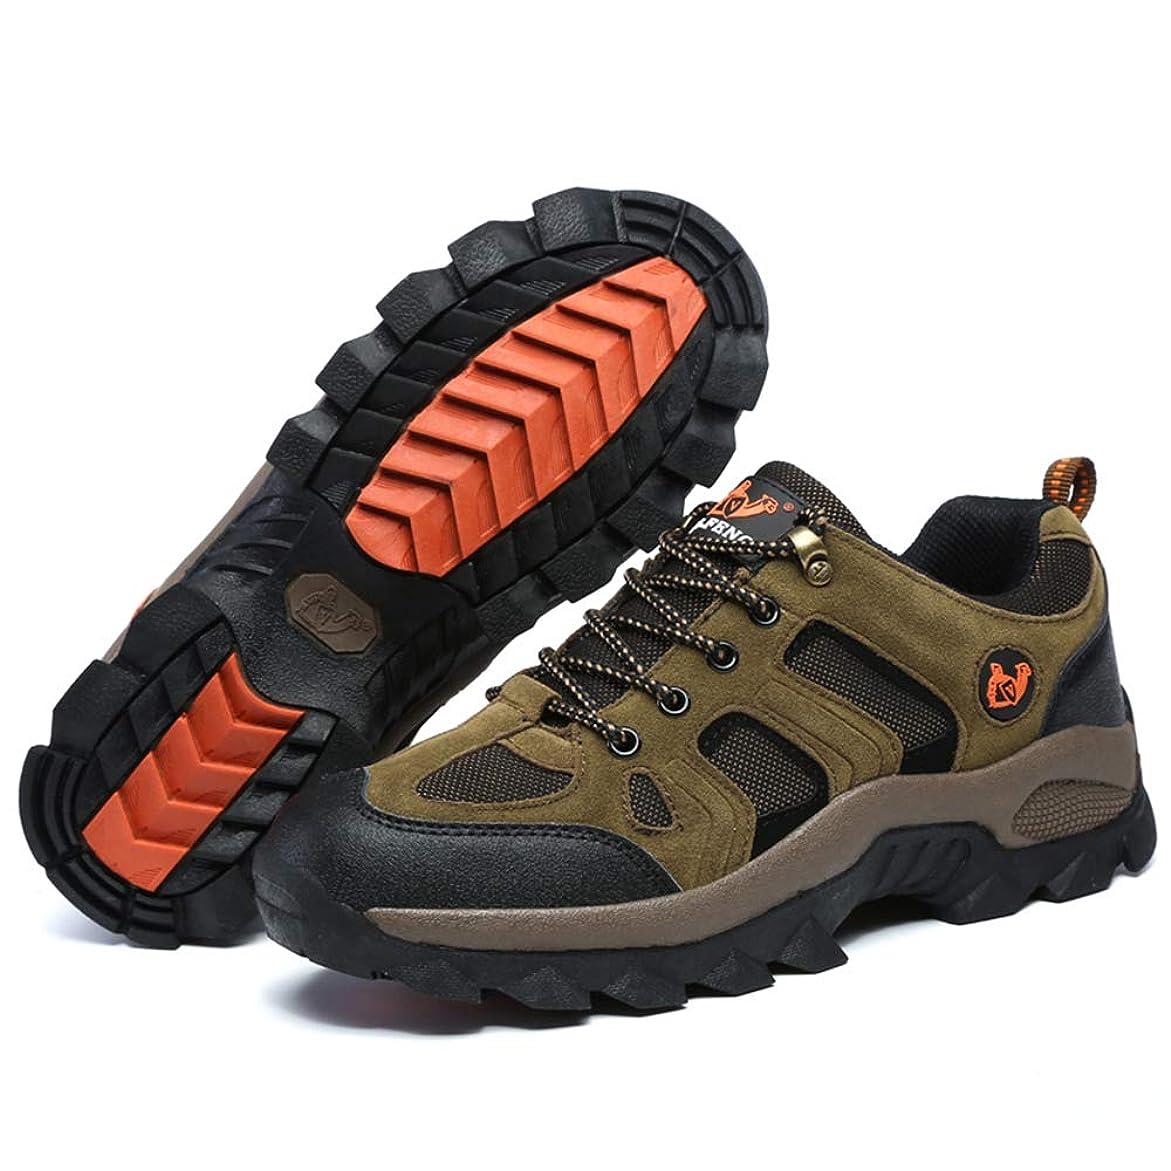 怠なしがみつく繁雑[ziitop] ハイキングシューズ メンズ レディース 登山靴 アウトドア 防滑 耐摩耗性 通気性 防水 衝突 (23.0cm~28.5cm)